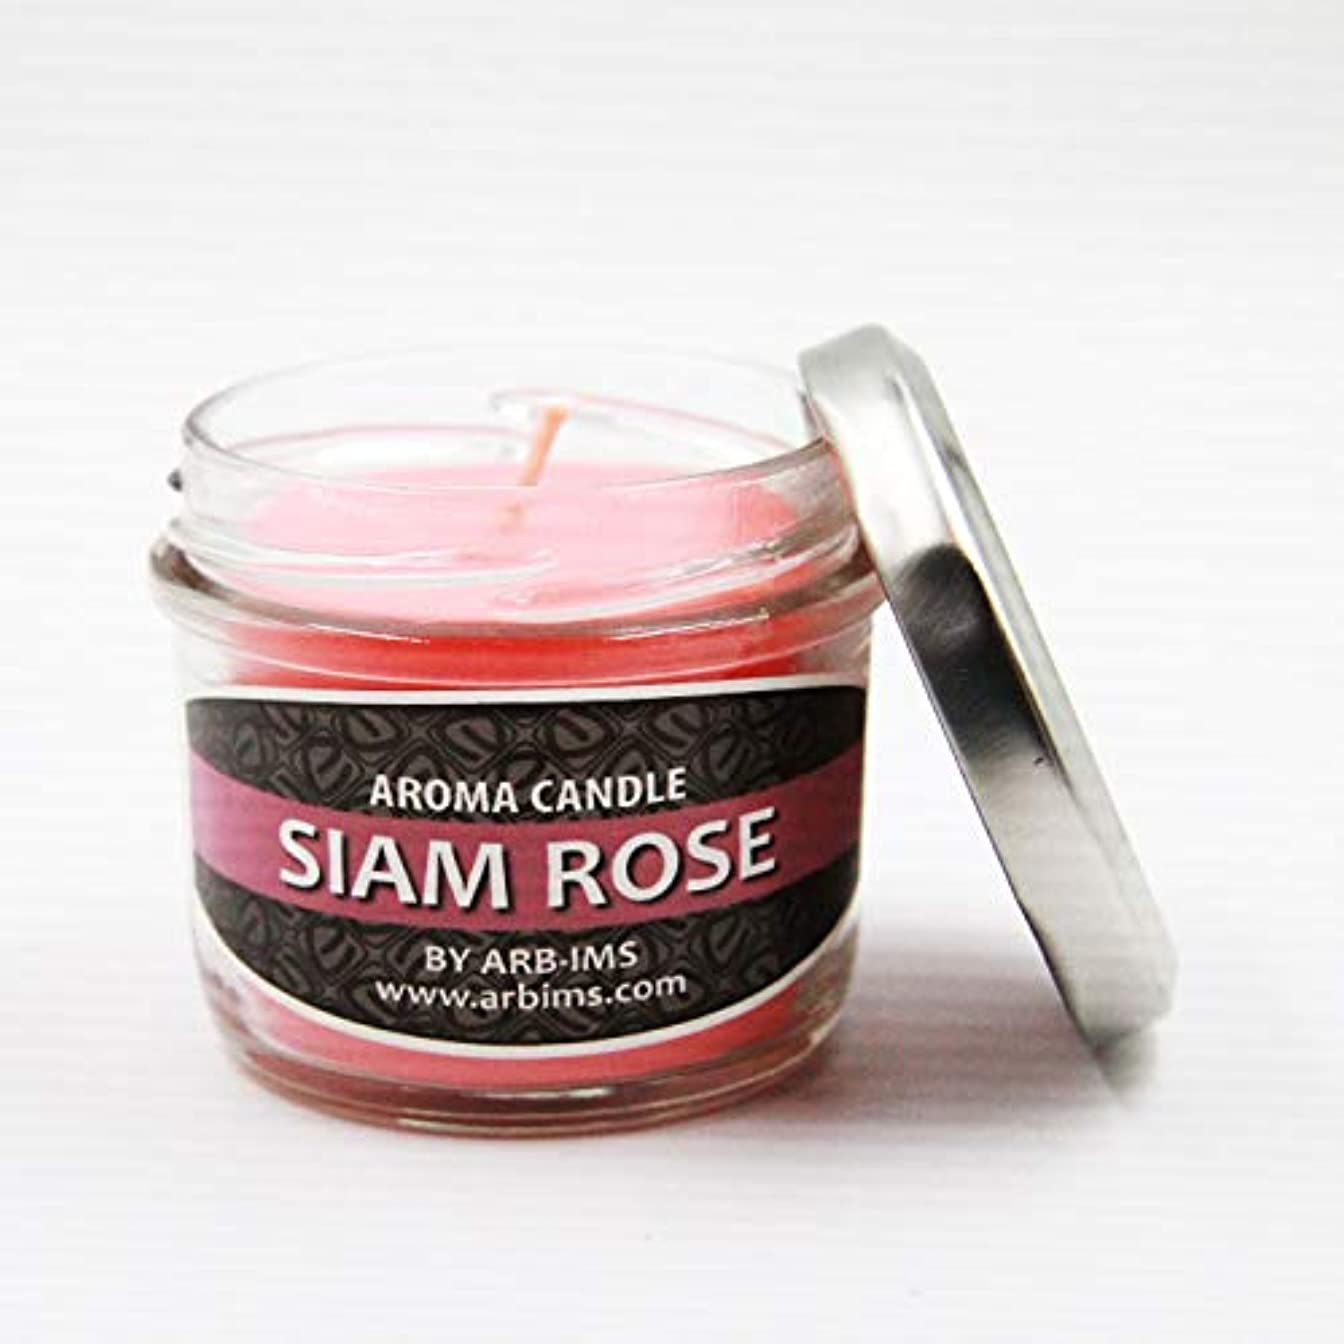 ARB-IMS アジアン エスニック アロマキャンドル 香り9種類 オーガニック 天然素材 (サイアムローズ)